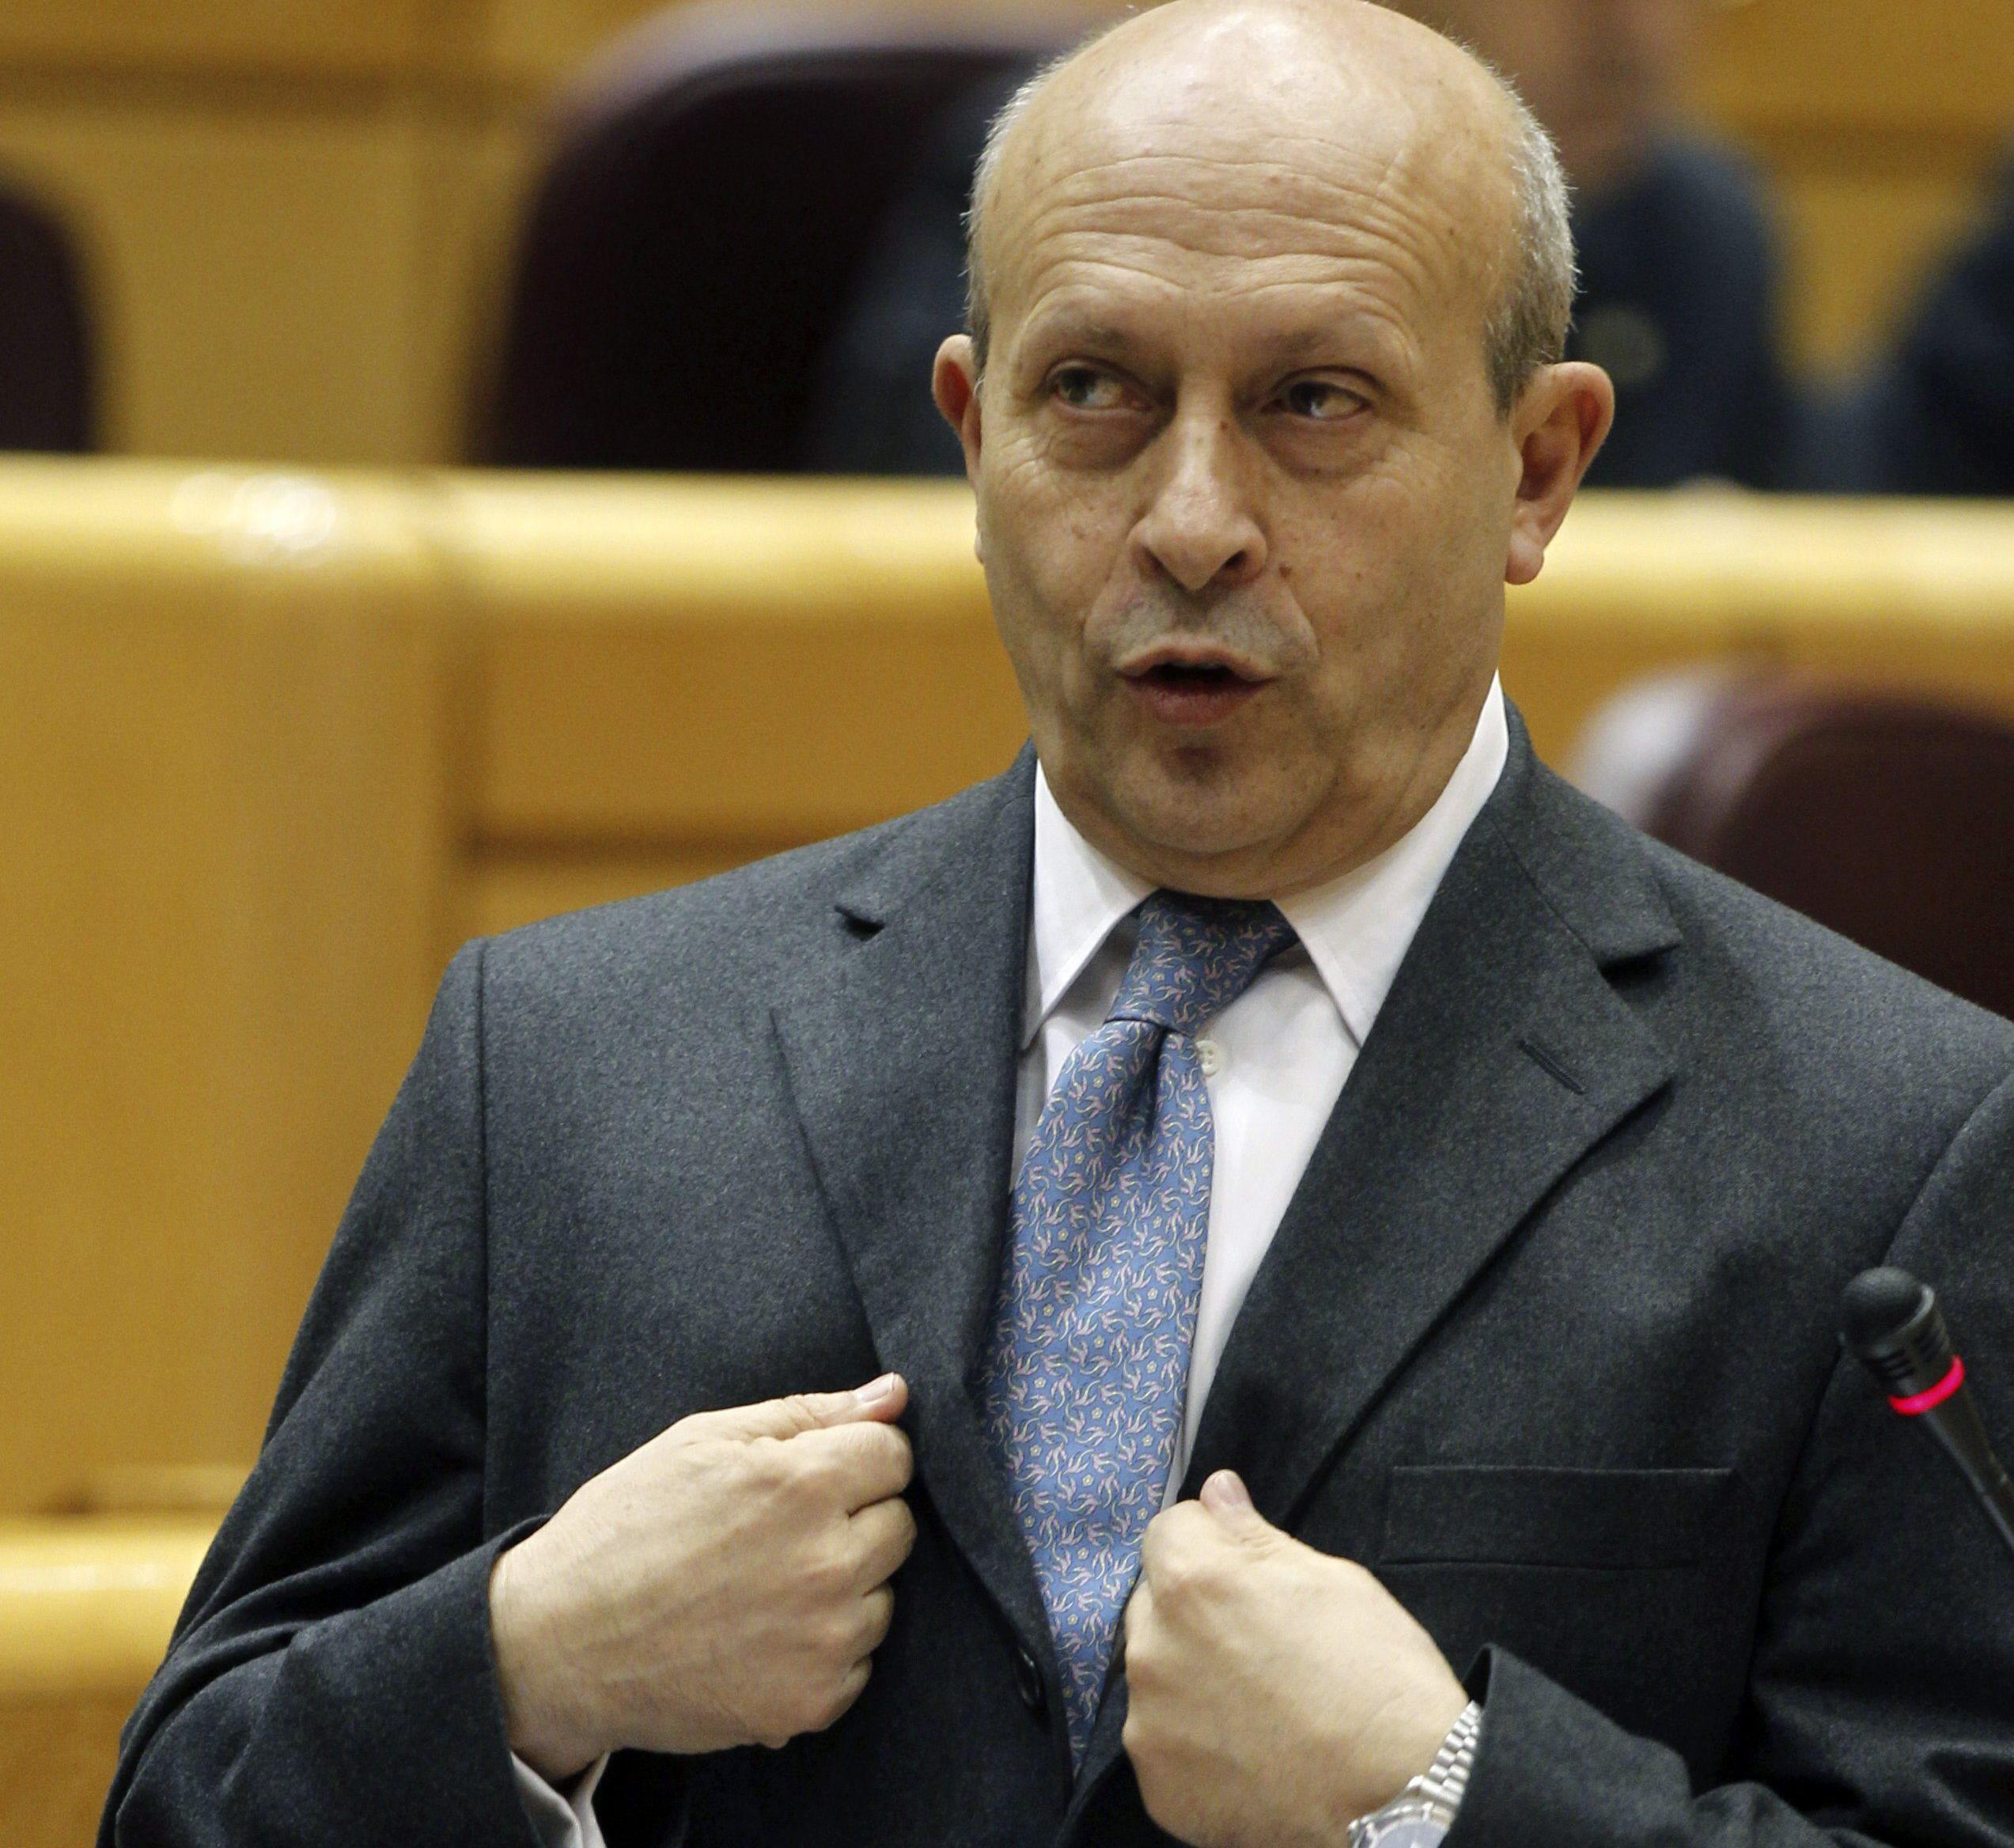 Wert asegura que «consta en acta» que anunció a las Comunidades una subida de las becas Erasmus